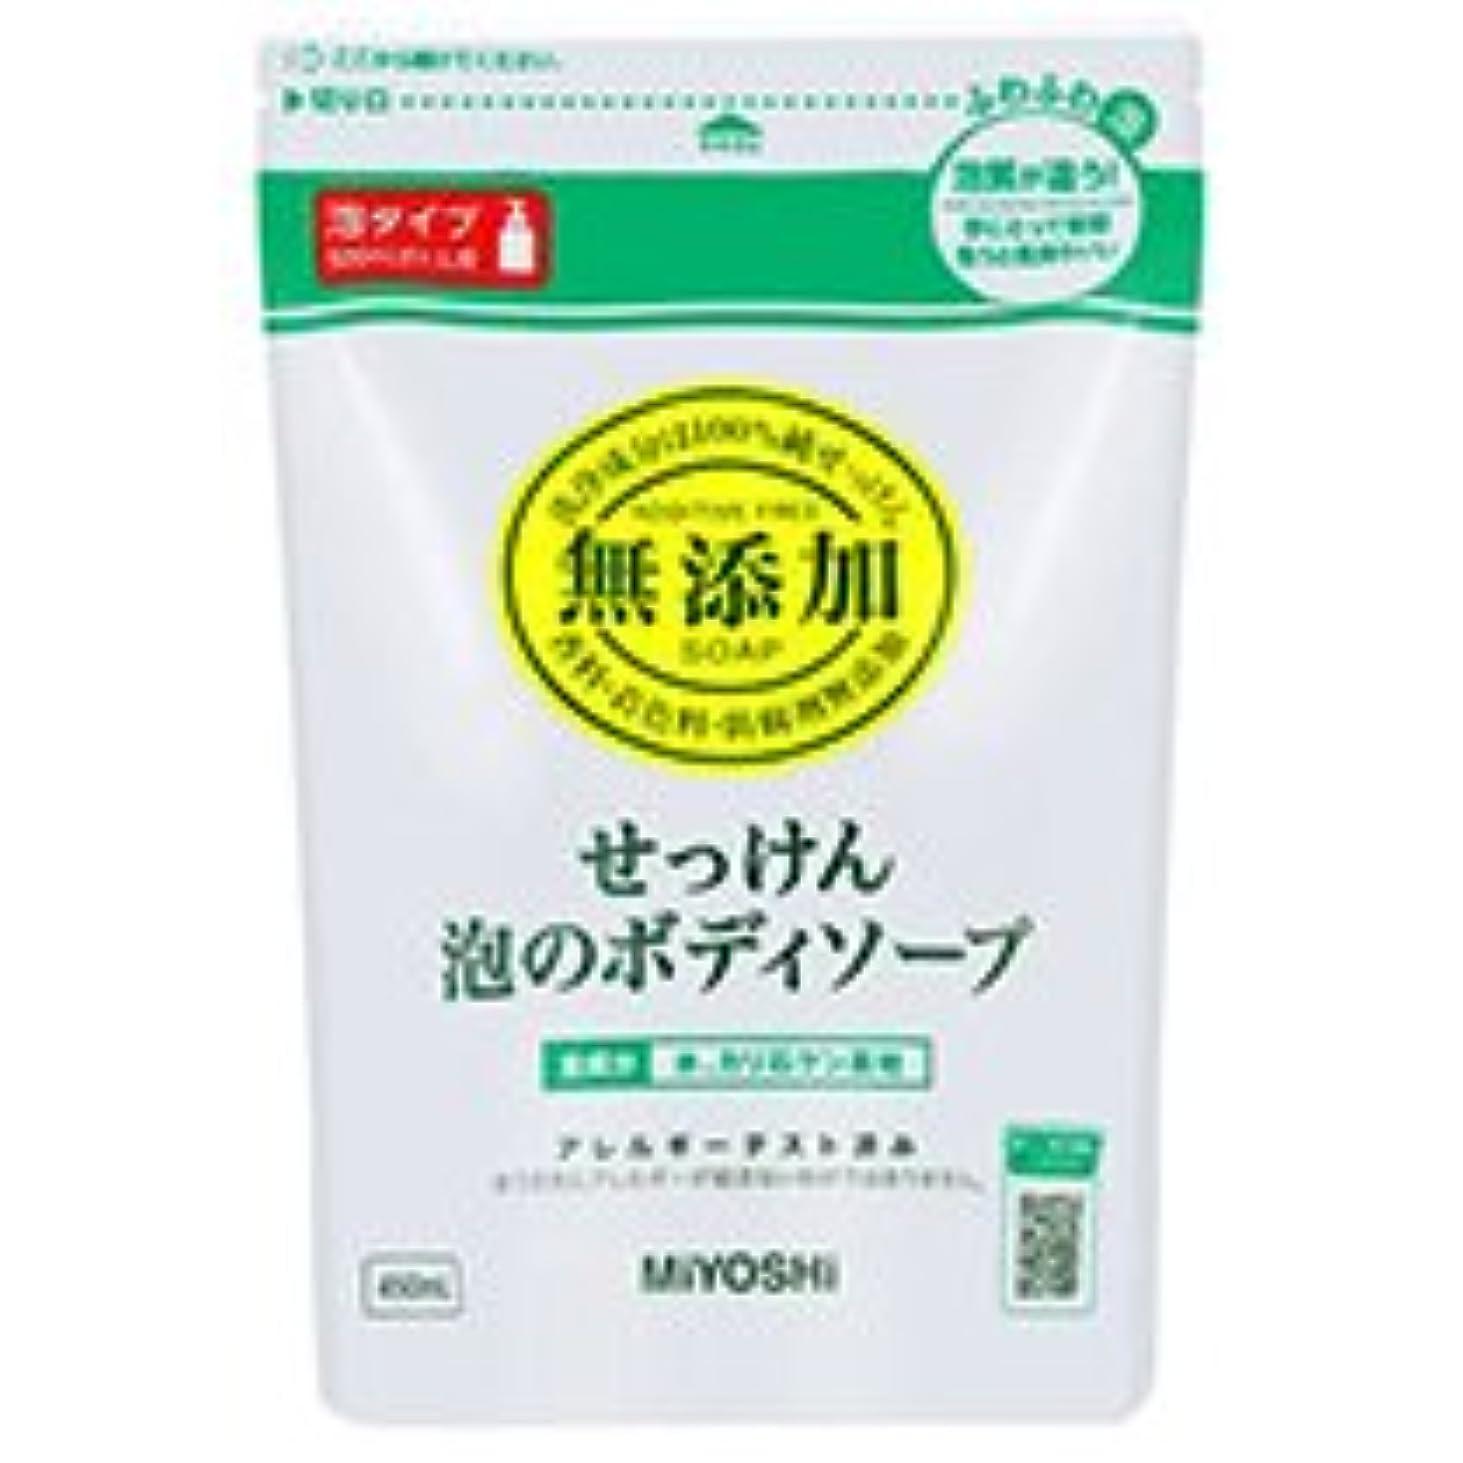 閉じる横に扱うミヨシ石鹸 無添加せっけん 泡のボディソープ 詰替用 450ml 1個